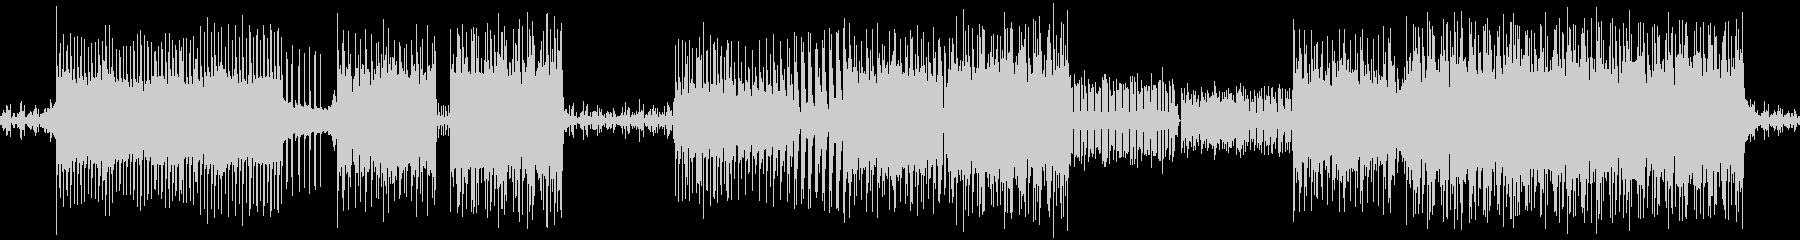 エレクトロなメロディが印象的なループ素材の未再生の波形